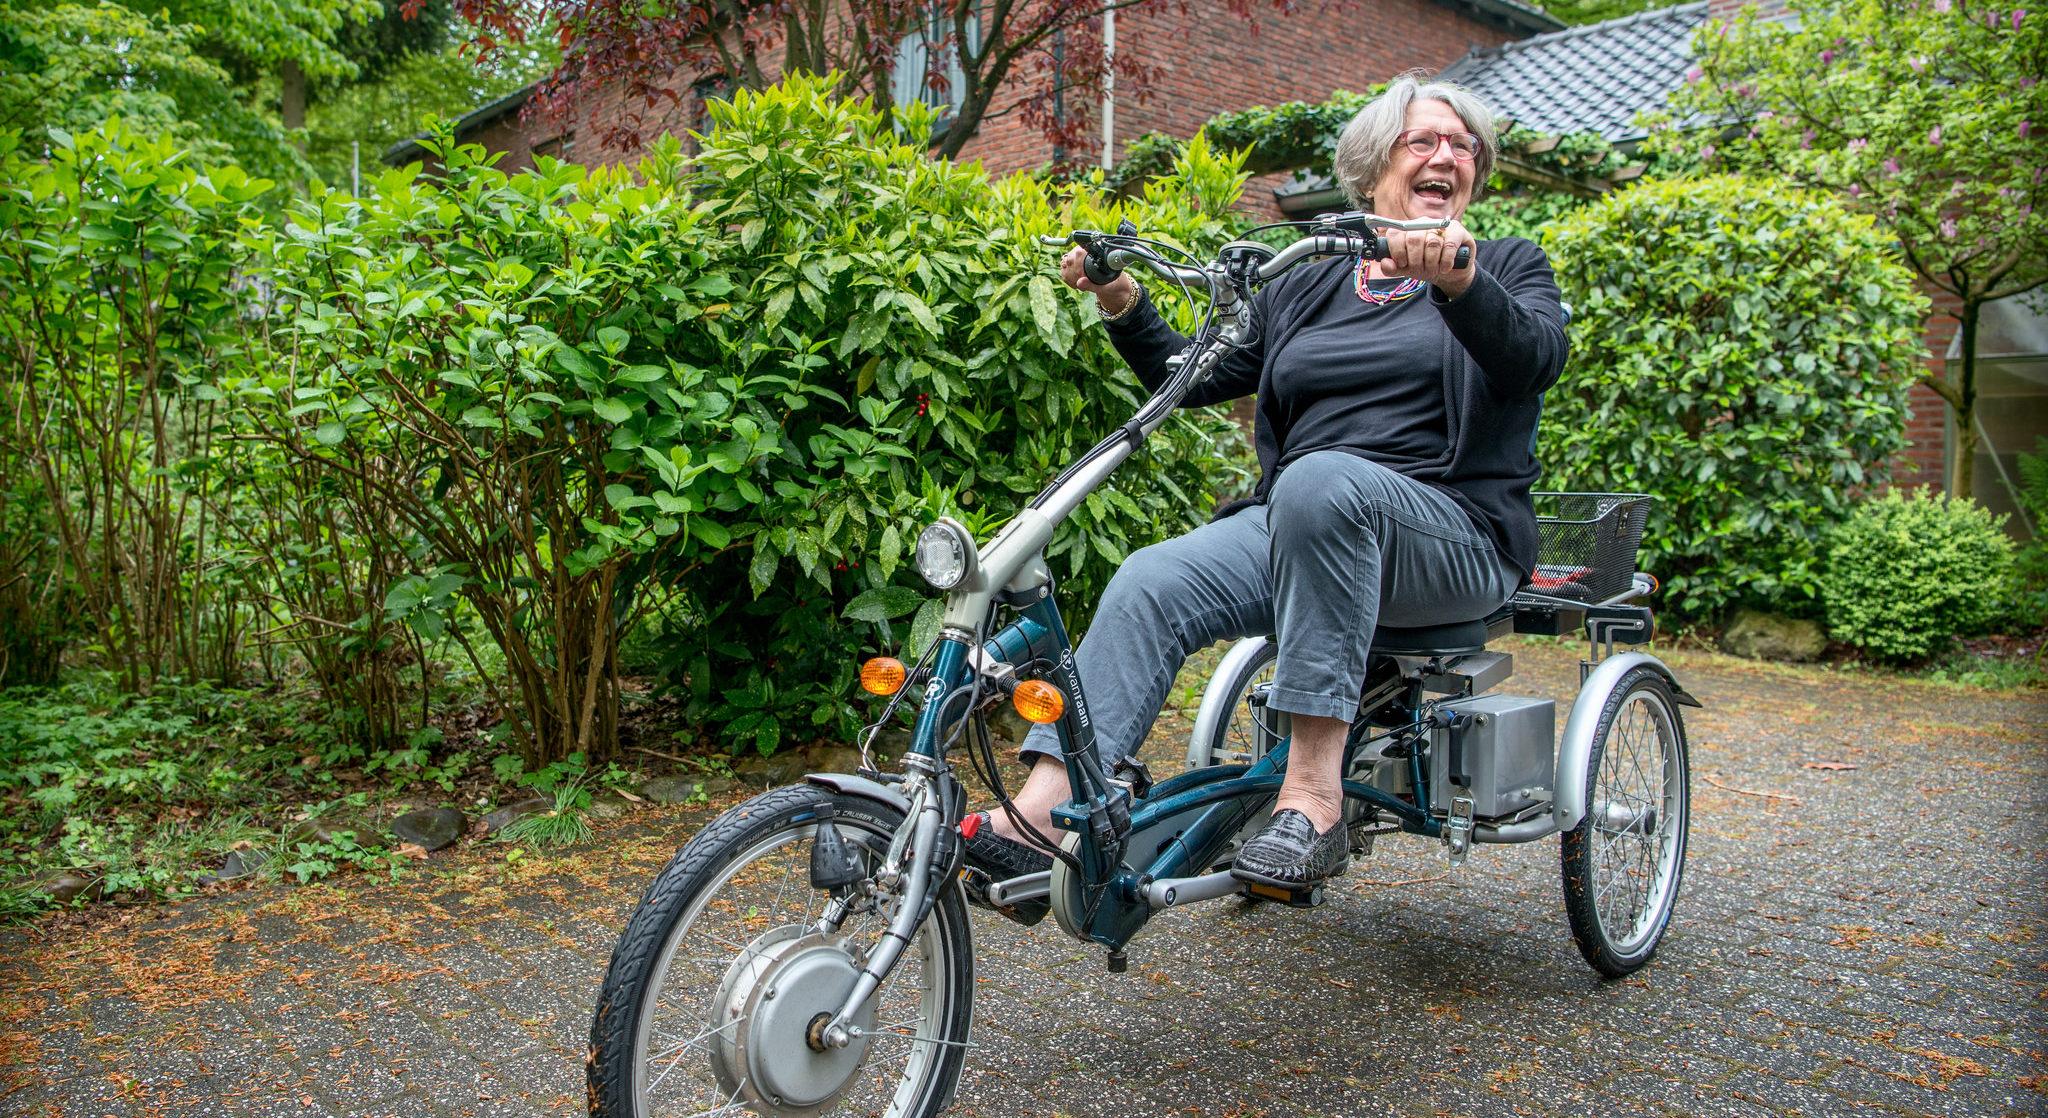 Vrouw op driewielfiets